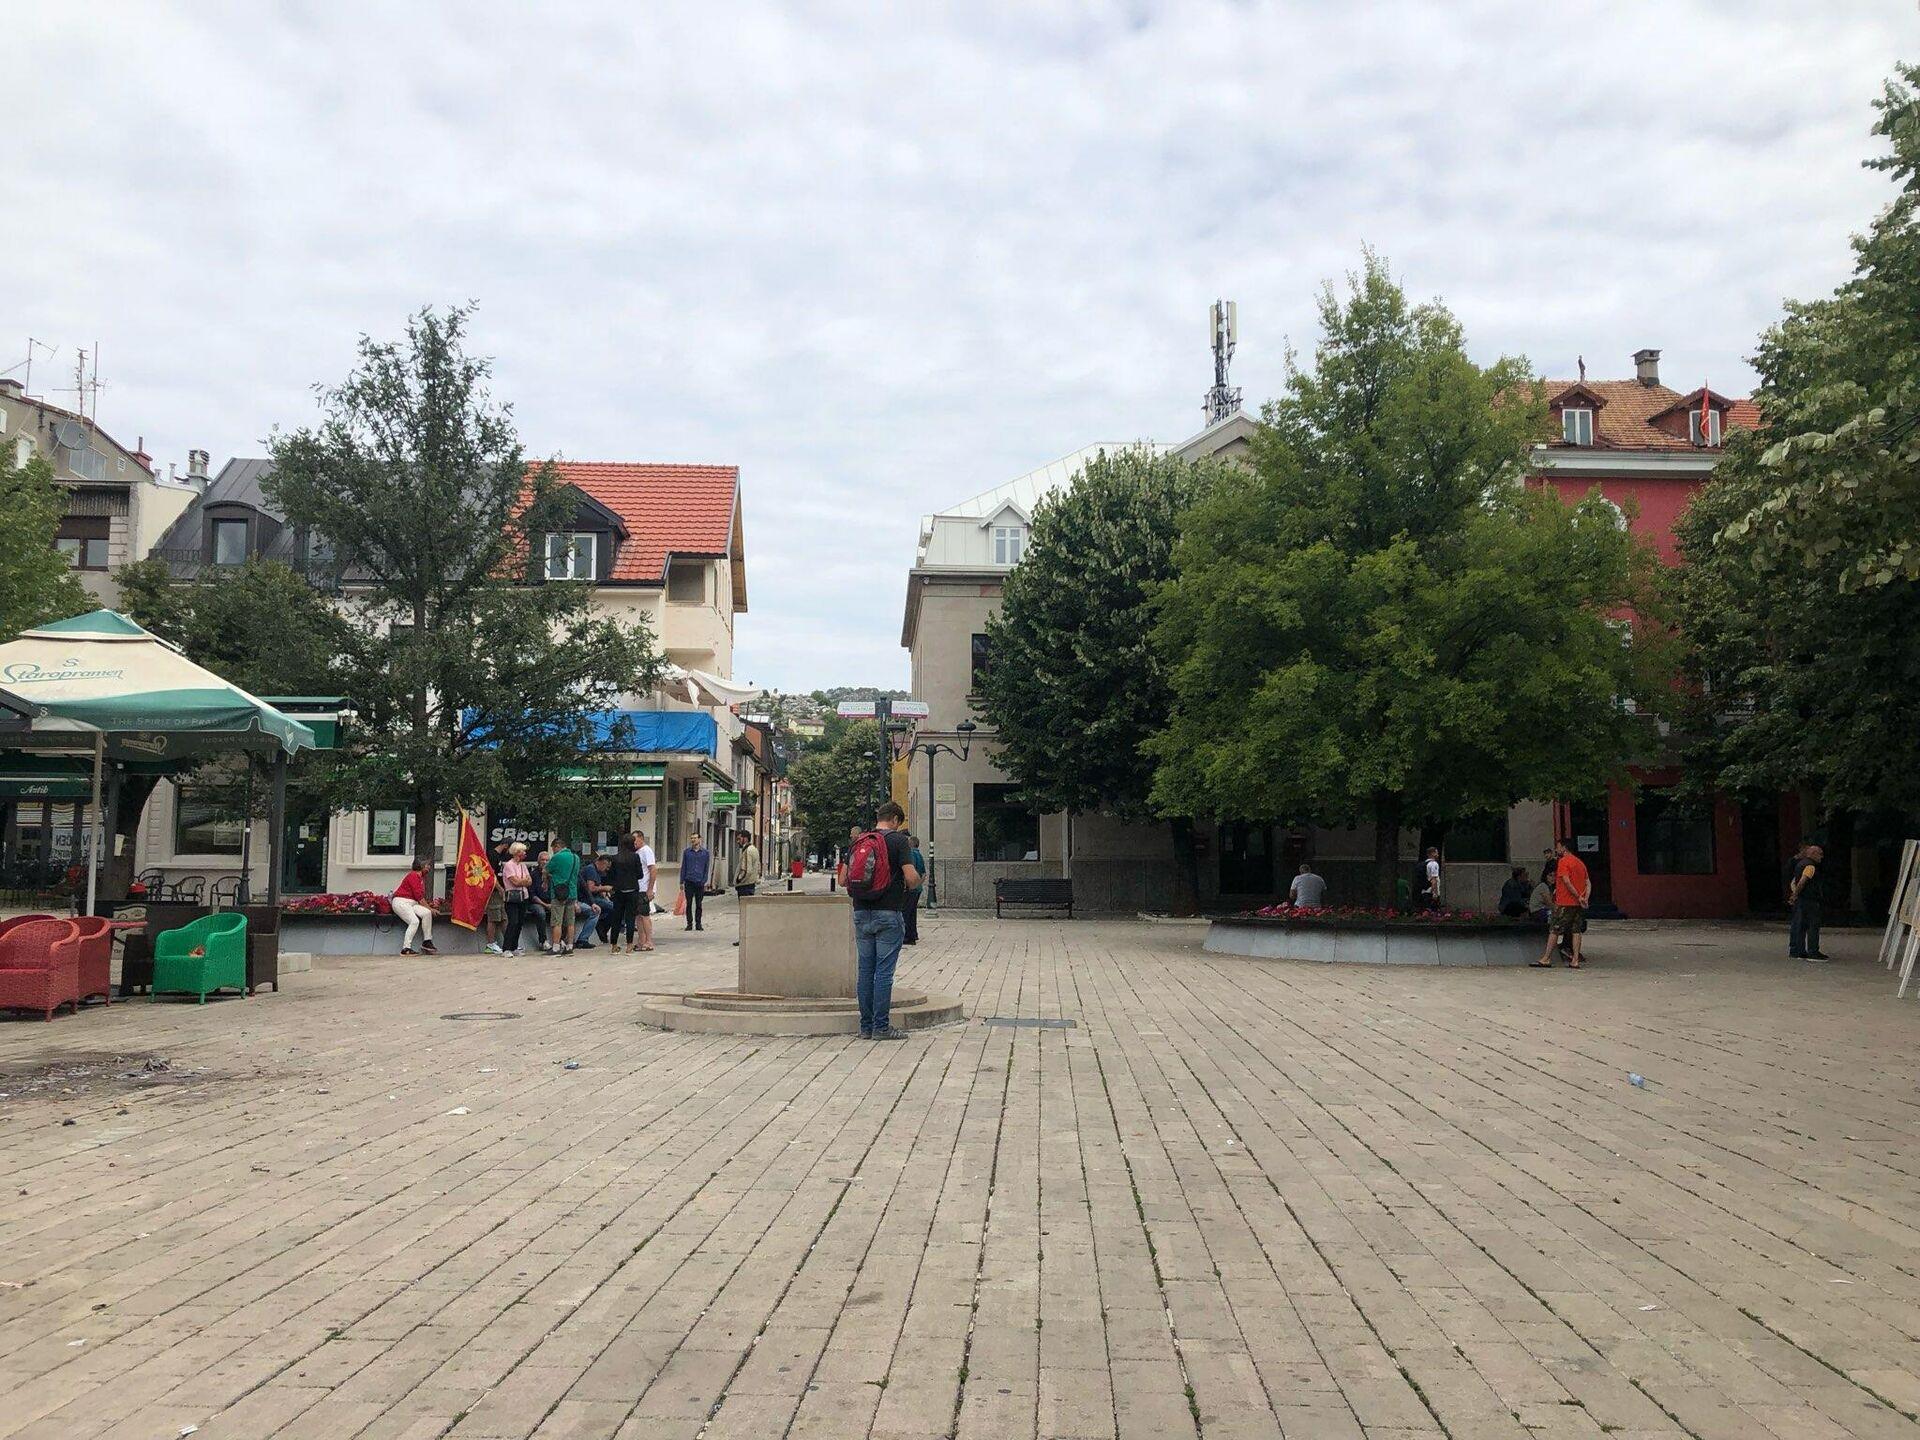 Подручје око цетињског манастира након што је церемонија устоличења митрополита Јоаникија завршена - Sputnik Србија, 1920, 05.09.2021